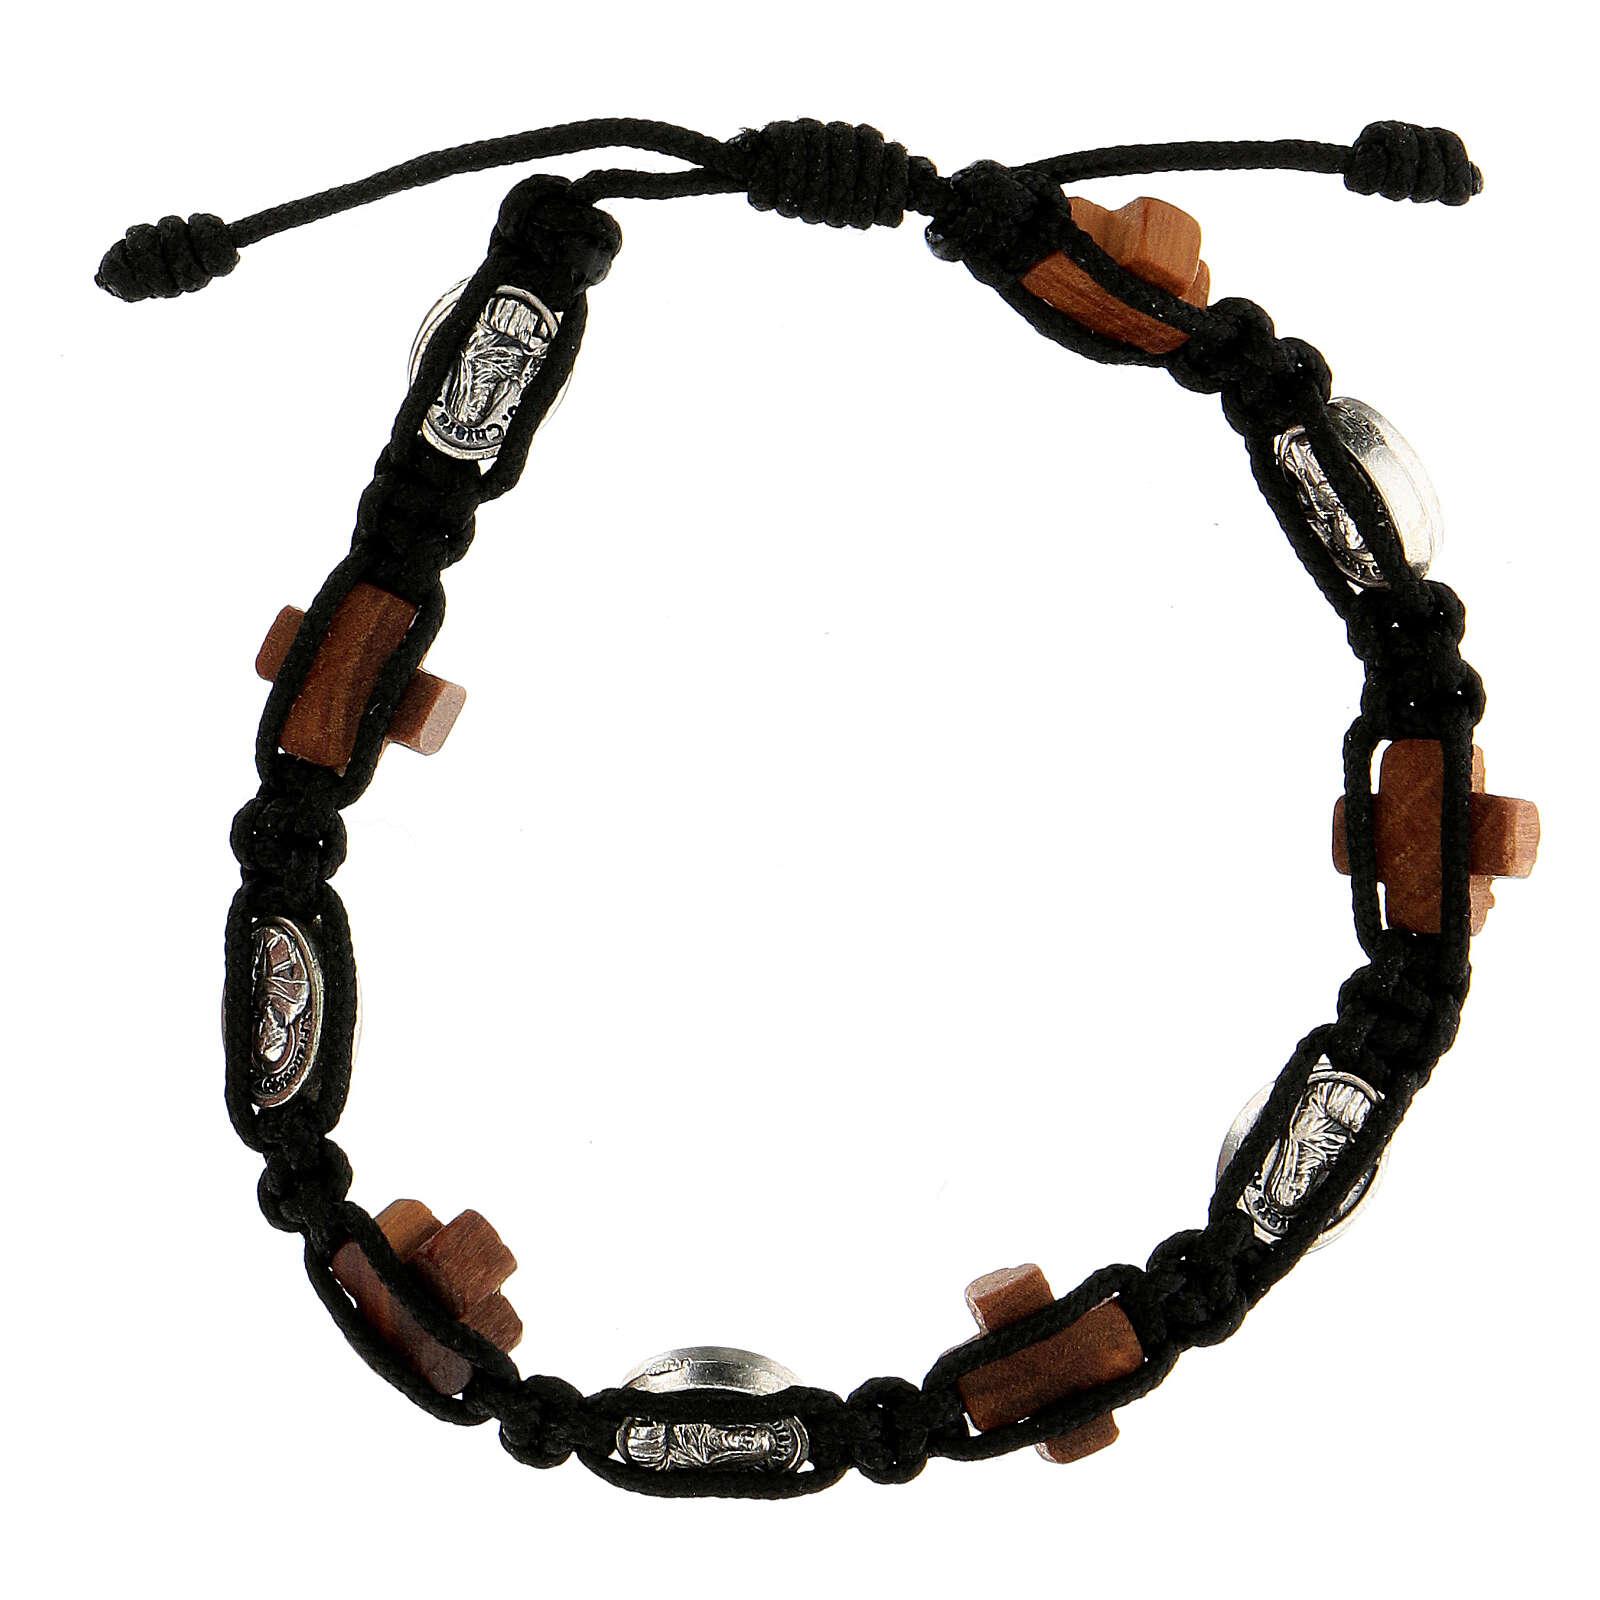 Pulsera Medjugorje cuerda negra medallas cruces madera olivo 4